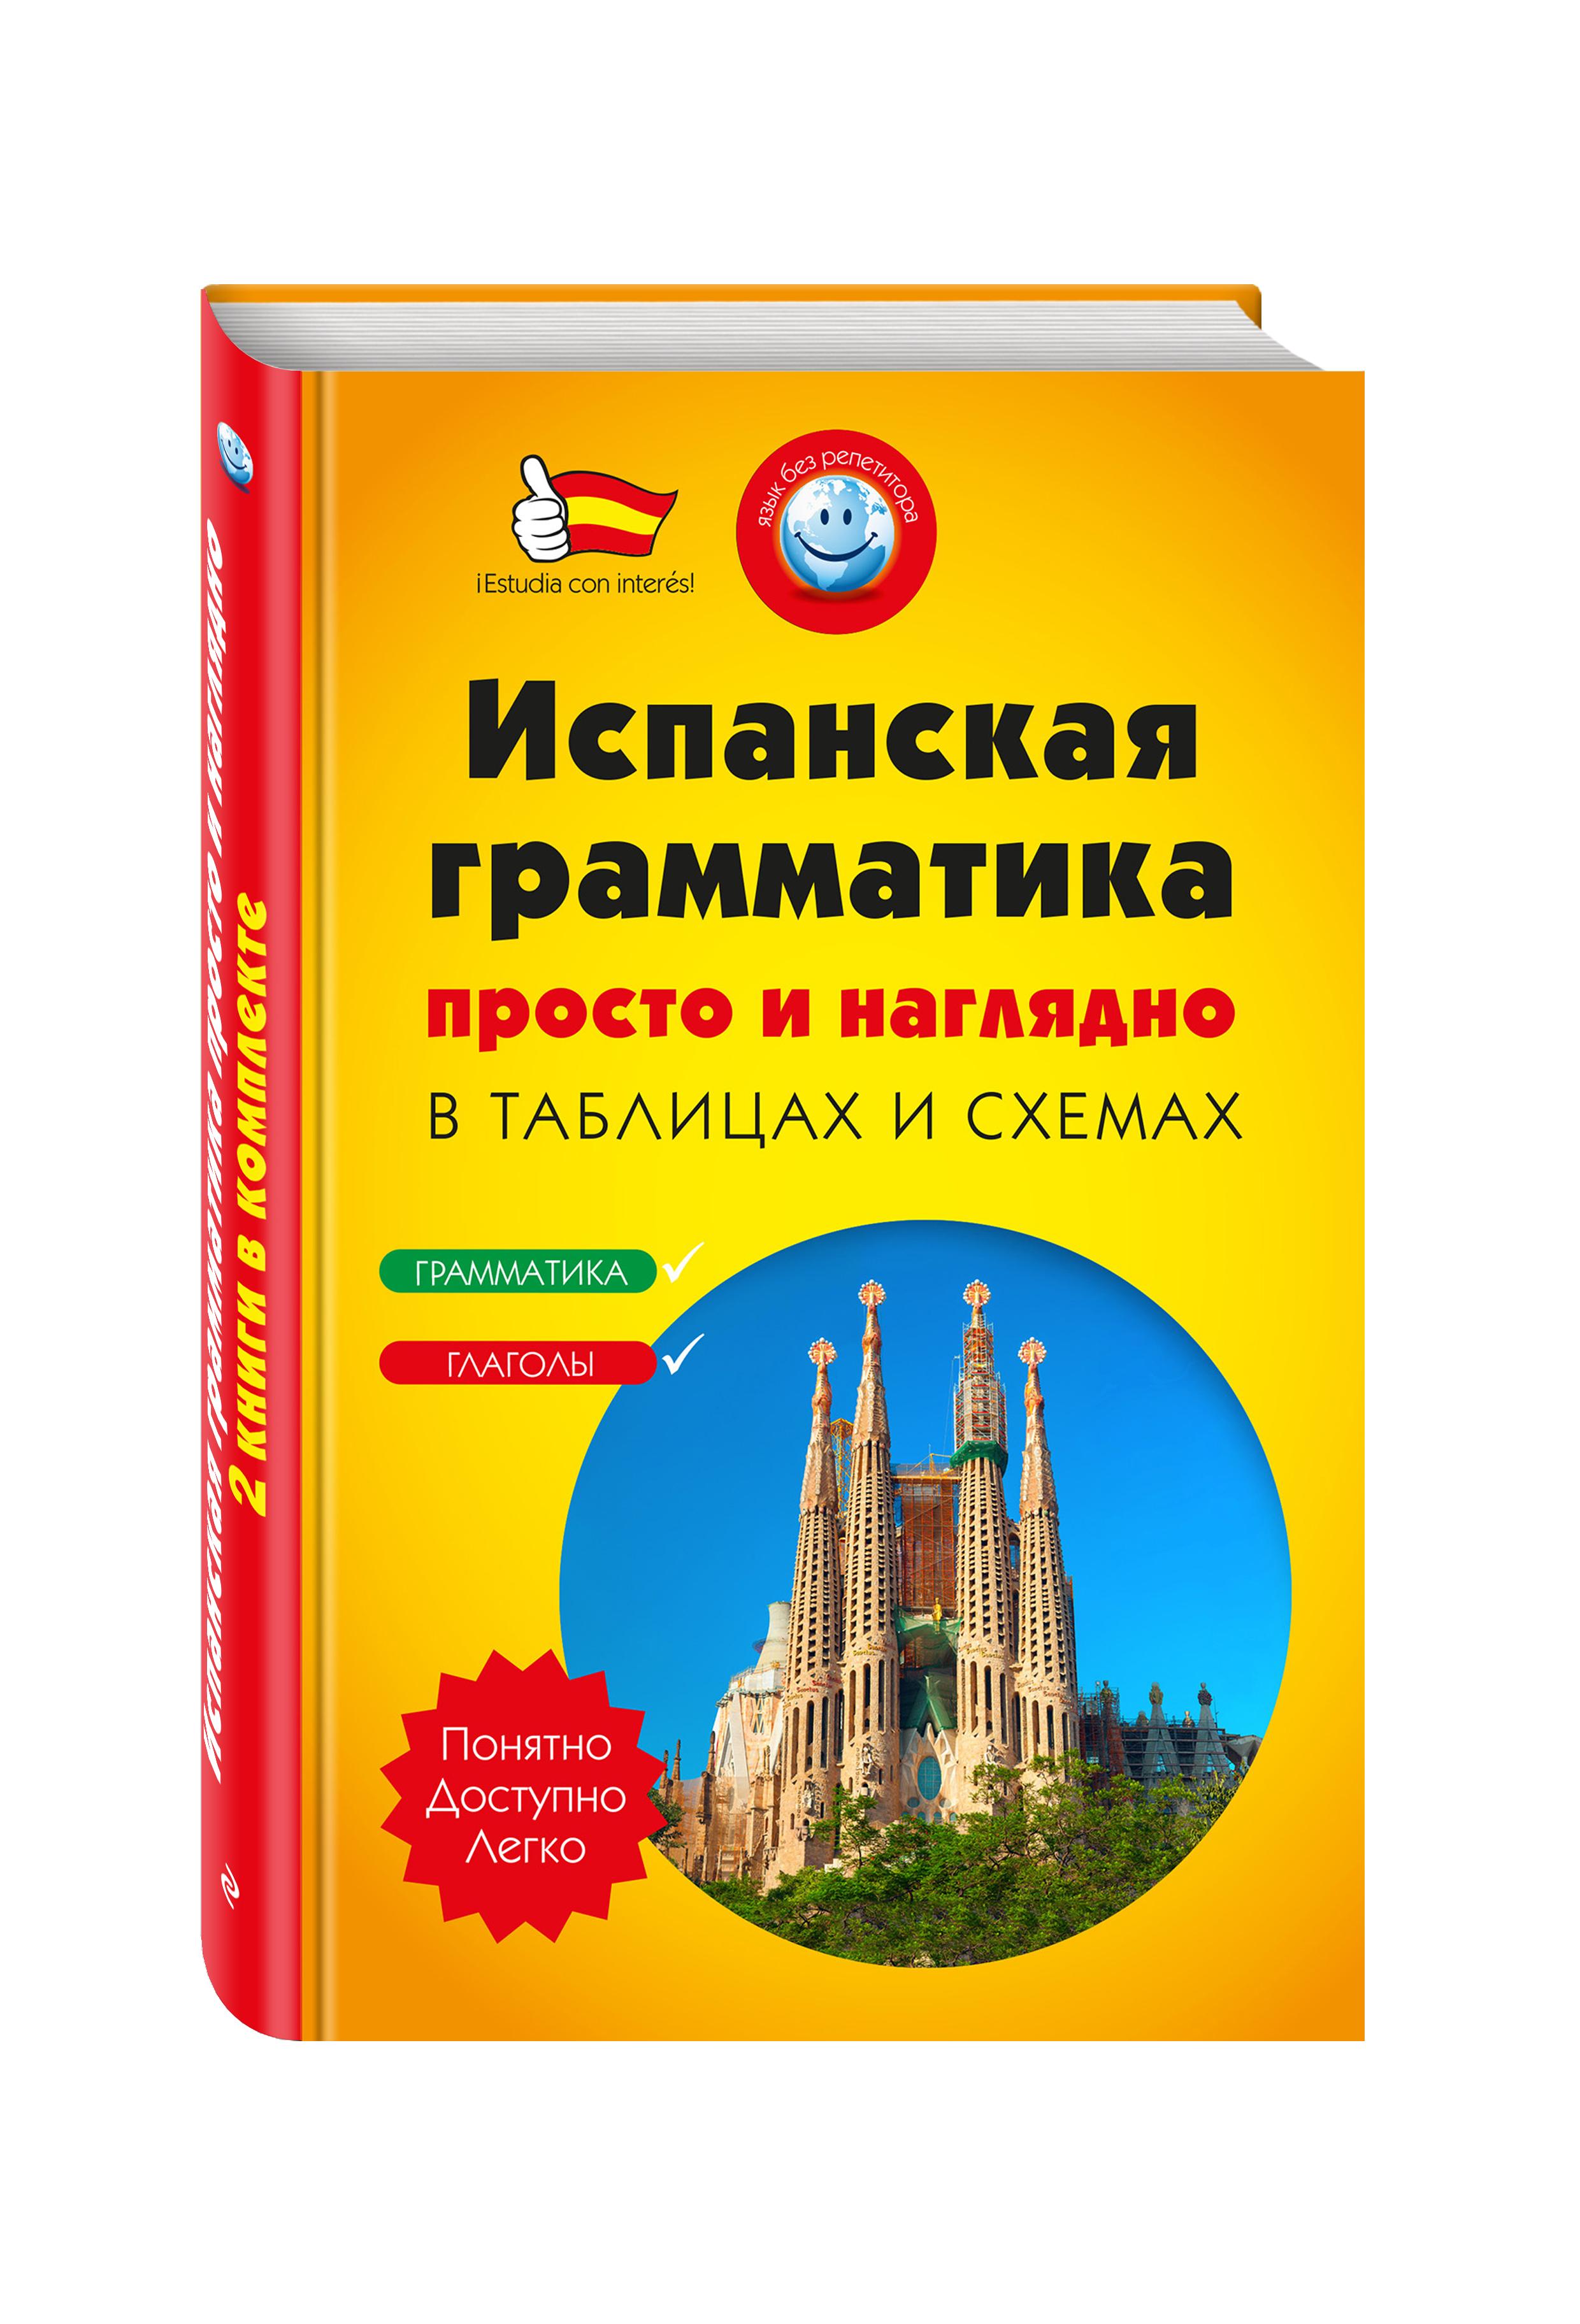 Испанская грамматика просто и наглядно. (комплект)